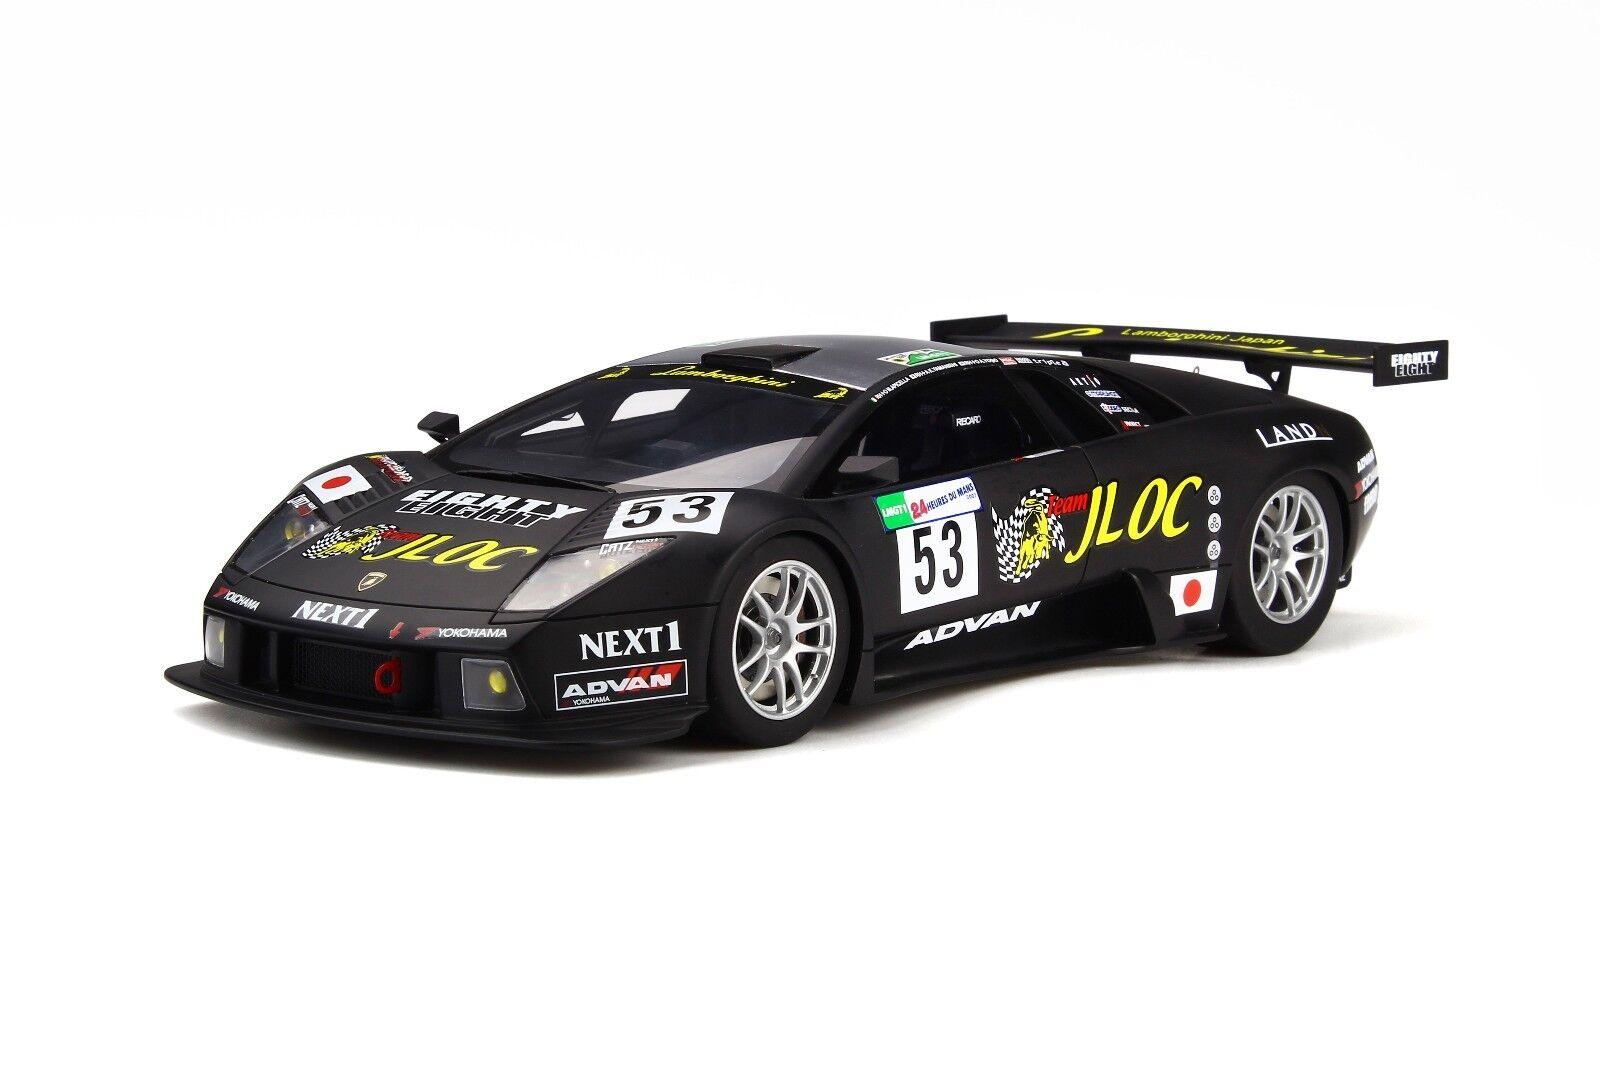 per offrirti un piacevole shopping online Lamborghini Lamborghini Lamborghini Murcielago R-GT JLOC Yauomoishi Yogo Apicella Le uomos 2007 GT Spirit  Garanzia di vestibilità al 100%